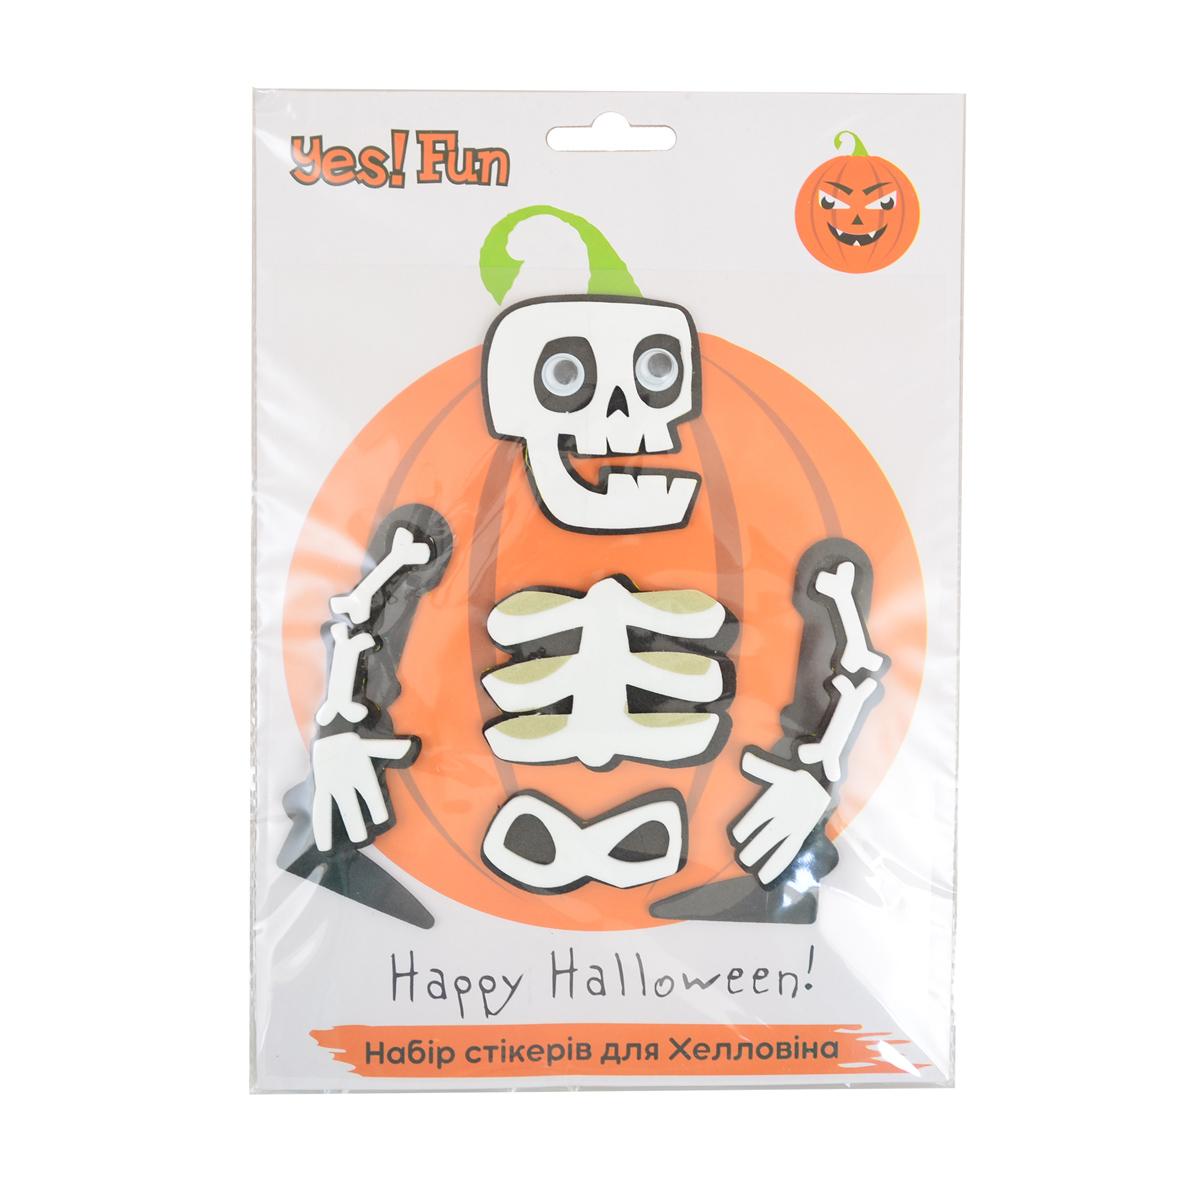 Набор стикеров Yes! Fun для Хэллоуина